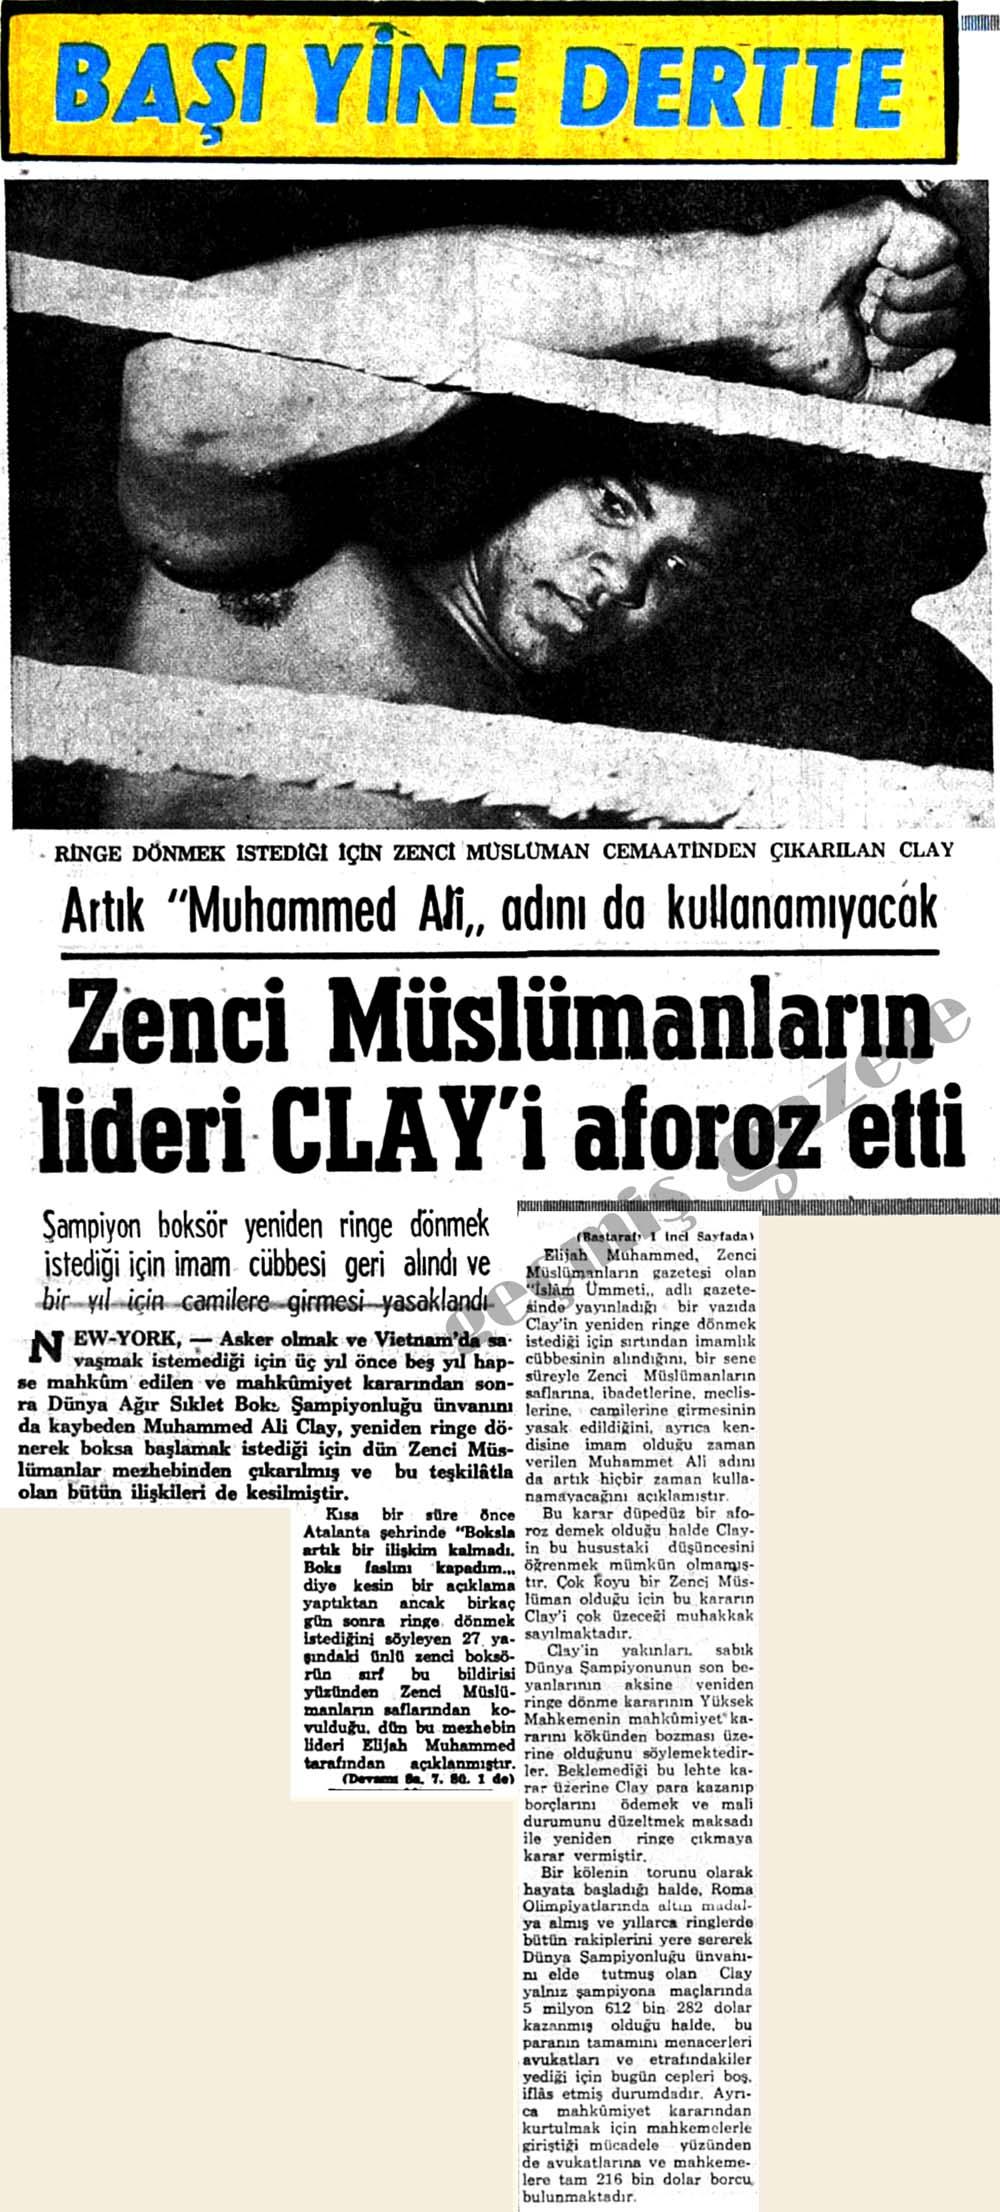 Zenci Müslümanların lideri Clay'i aforoz etti